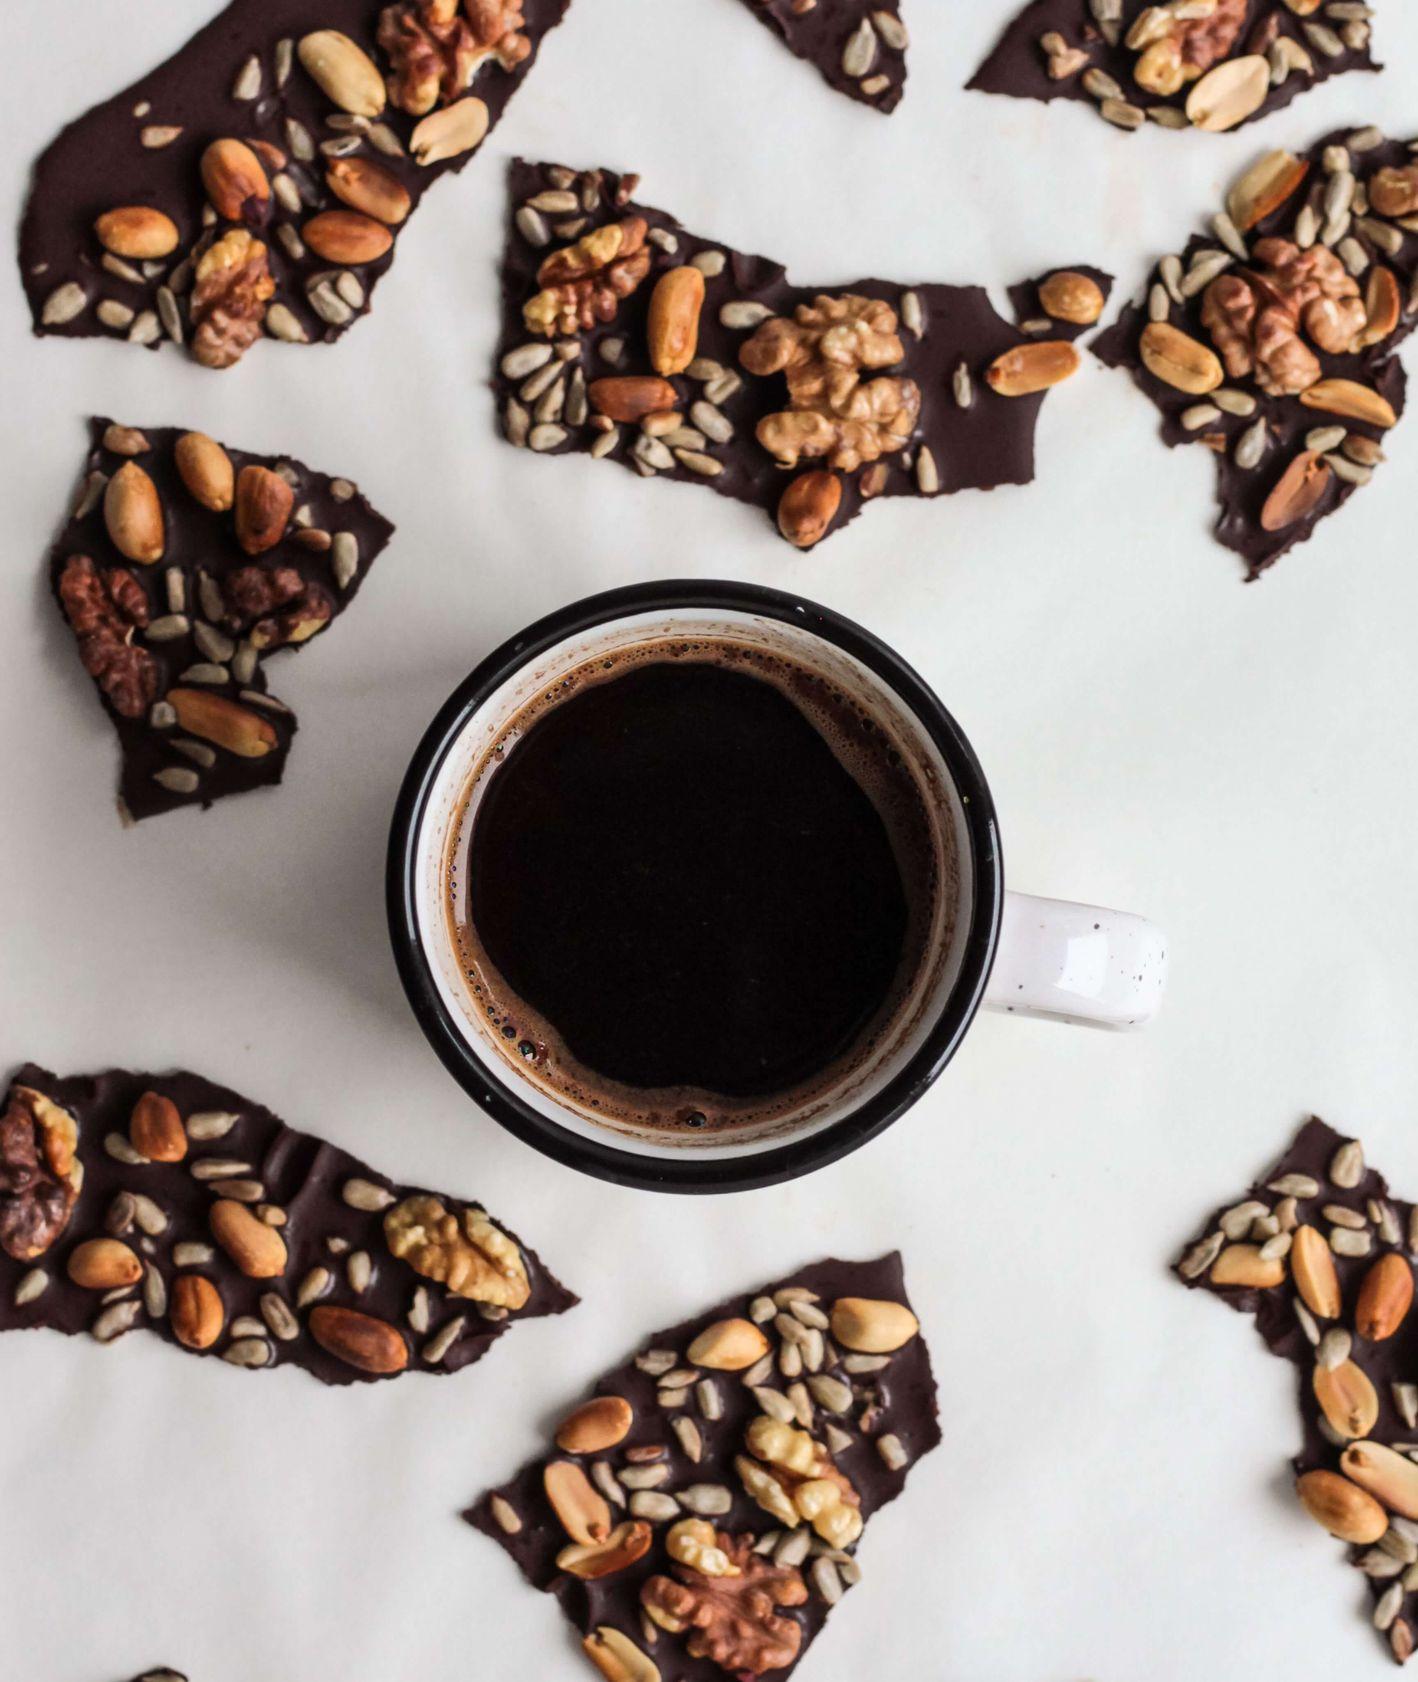 Filiżanka kawy i czekolada z orzechami (fot.Nordwood Themes)